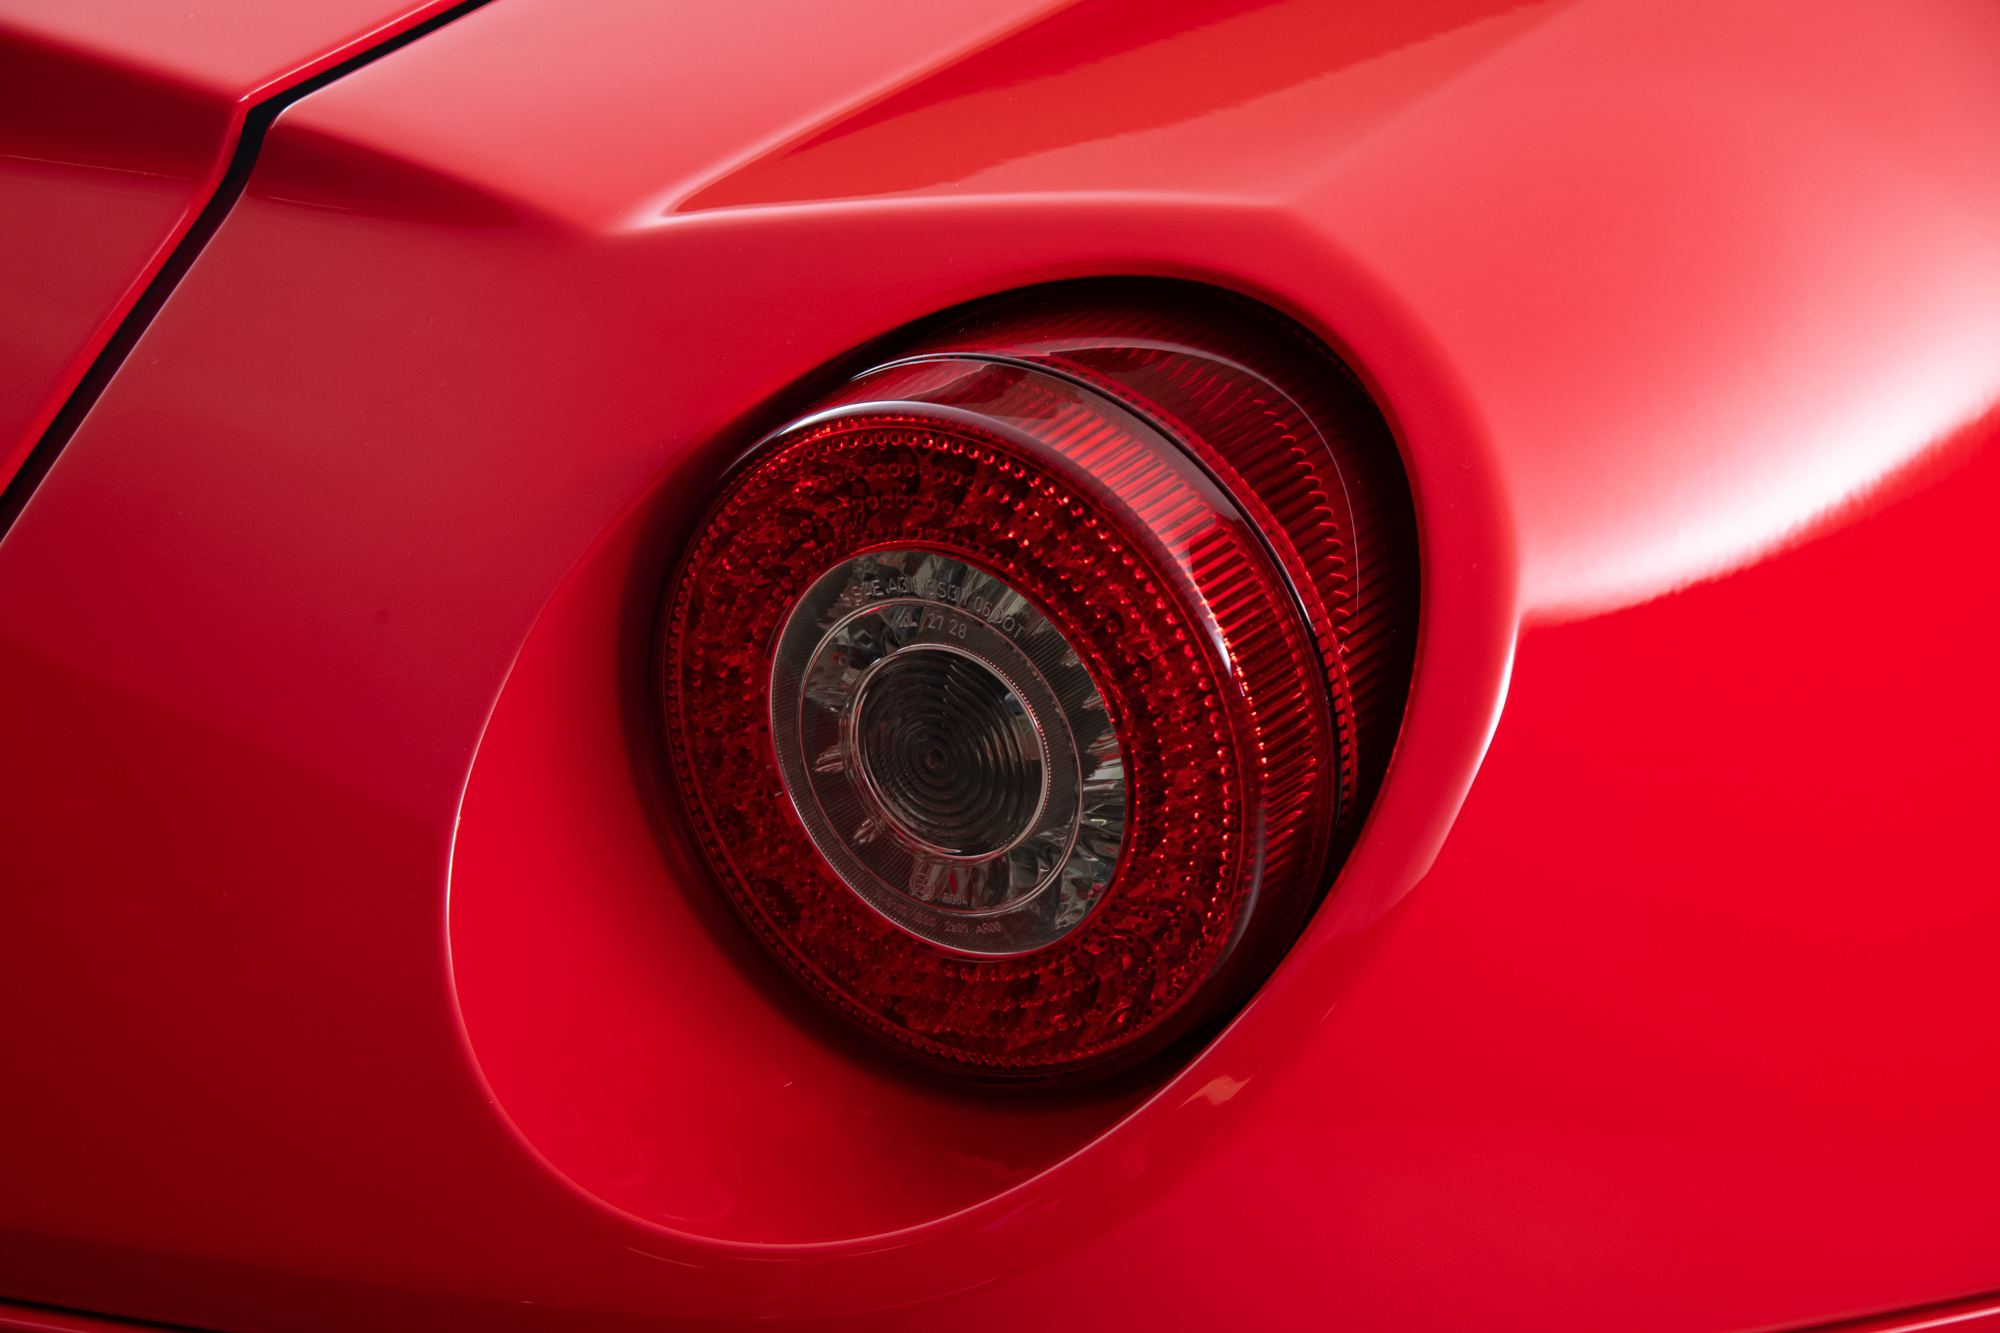 2007 Ferrari 599 GTB , RED, VIN ZFFFC60A870155095, MILEAGE 3522